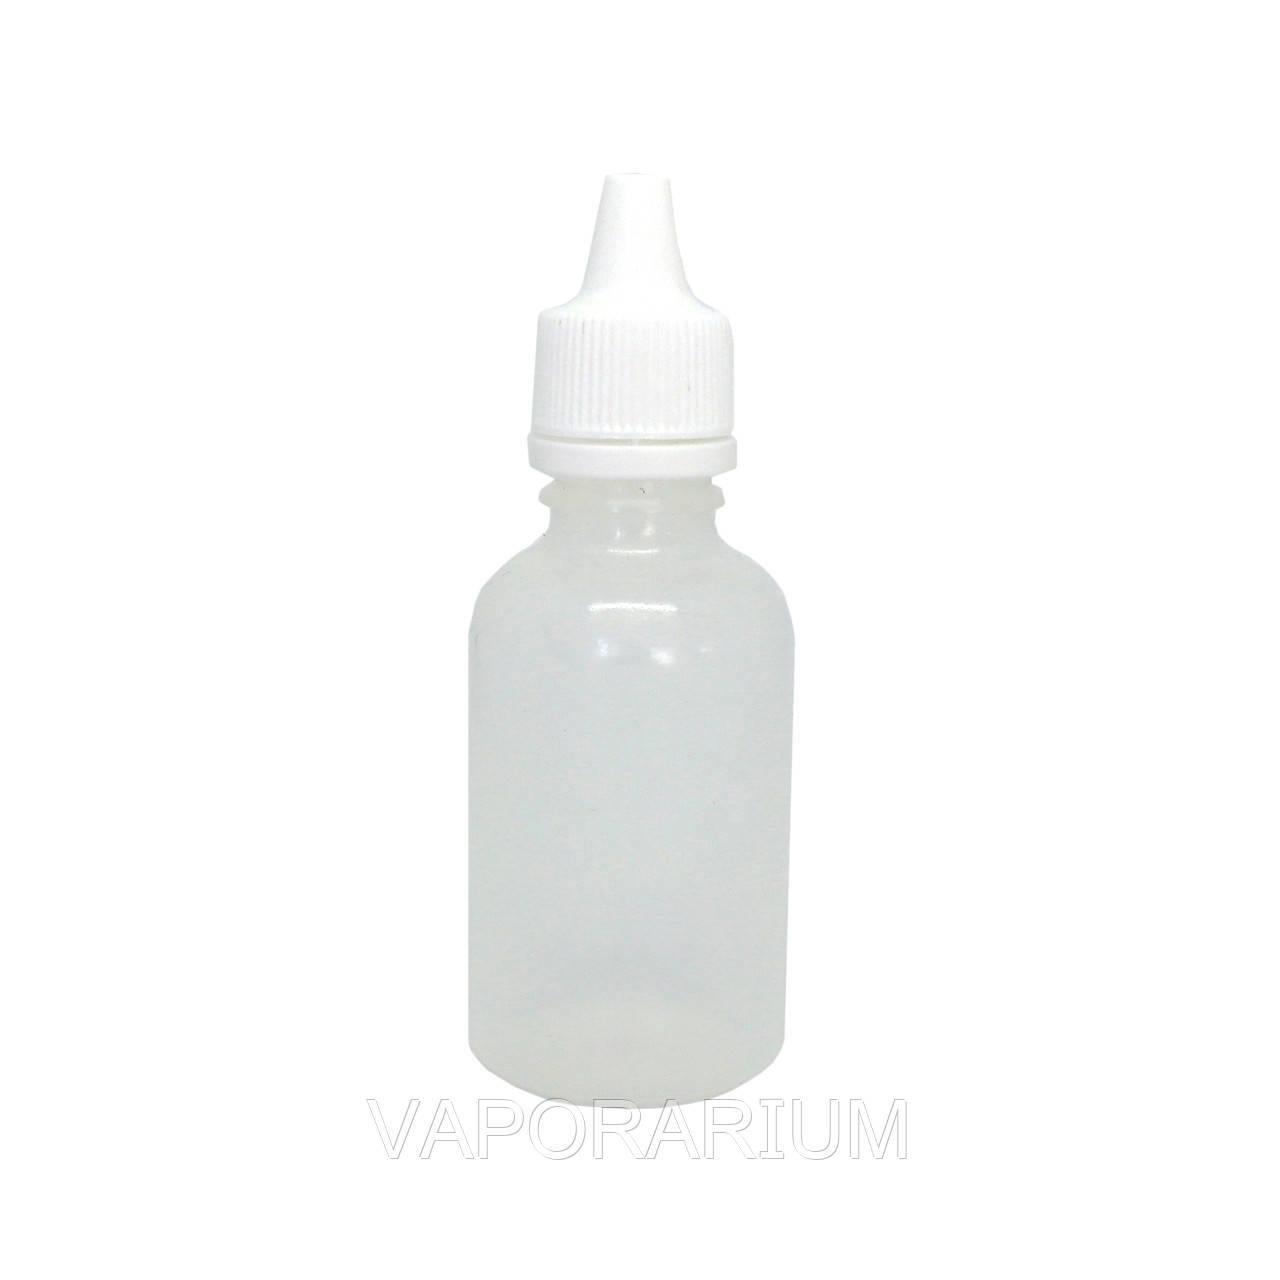 Бутылочка для жидкости с дозатором и конической крышкой 50 мл